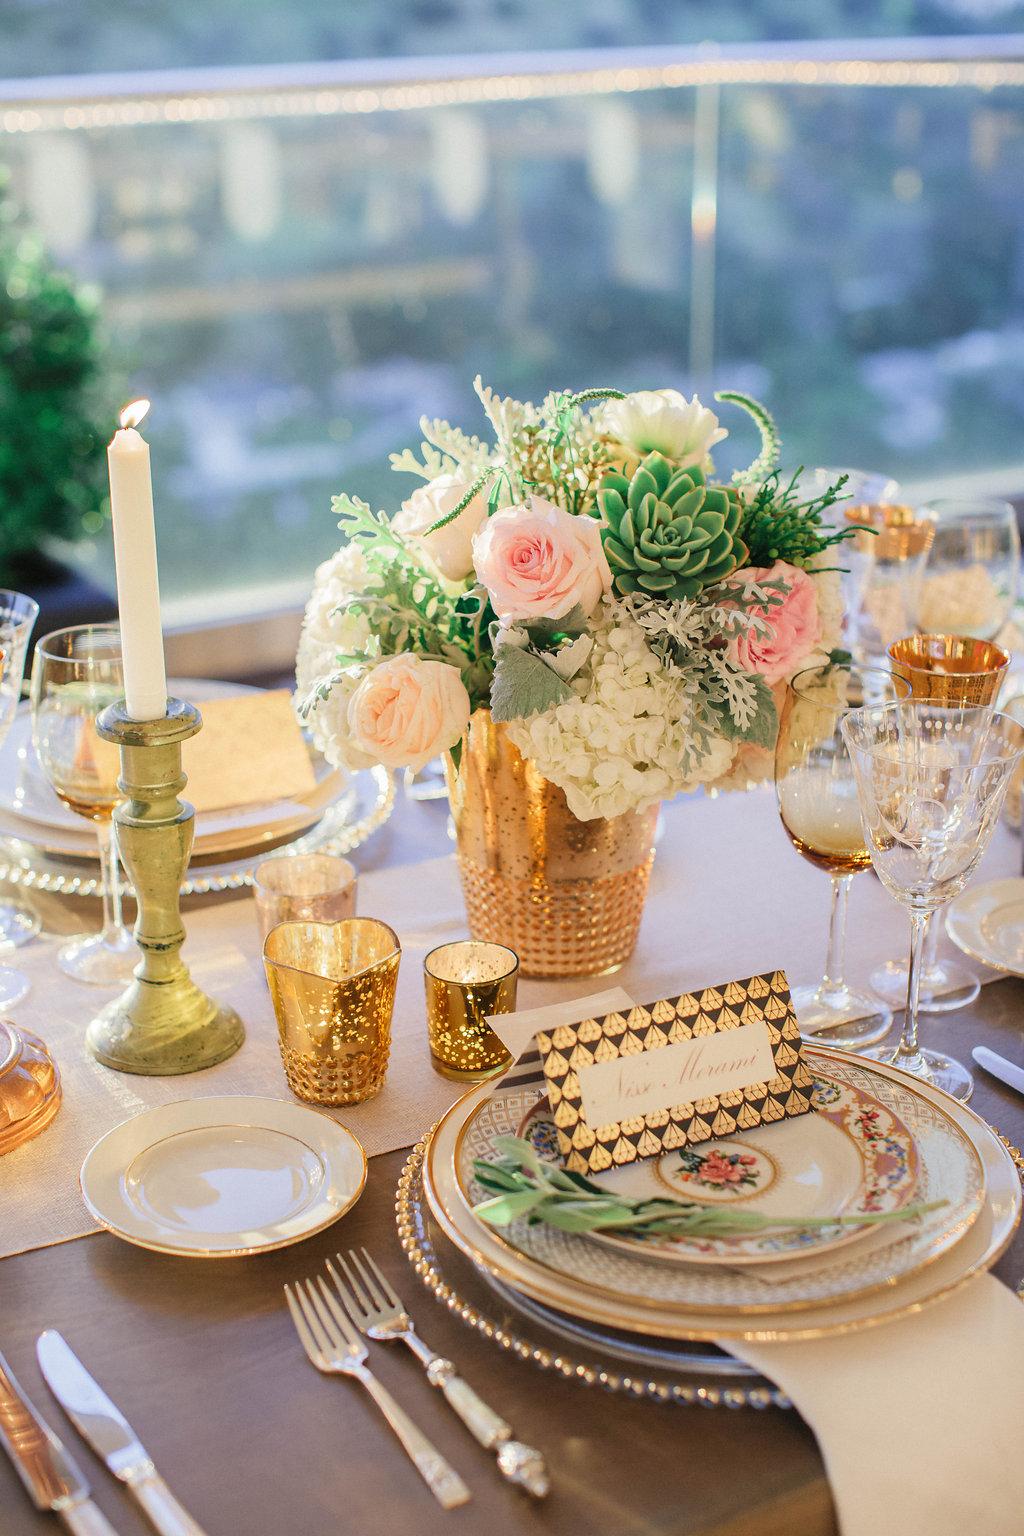 Nicole_Marie_Photography_Luxury_Wedding_Photographer-18.jpg